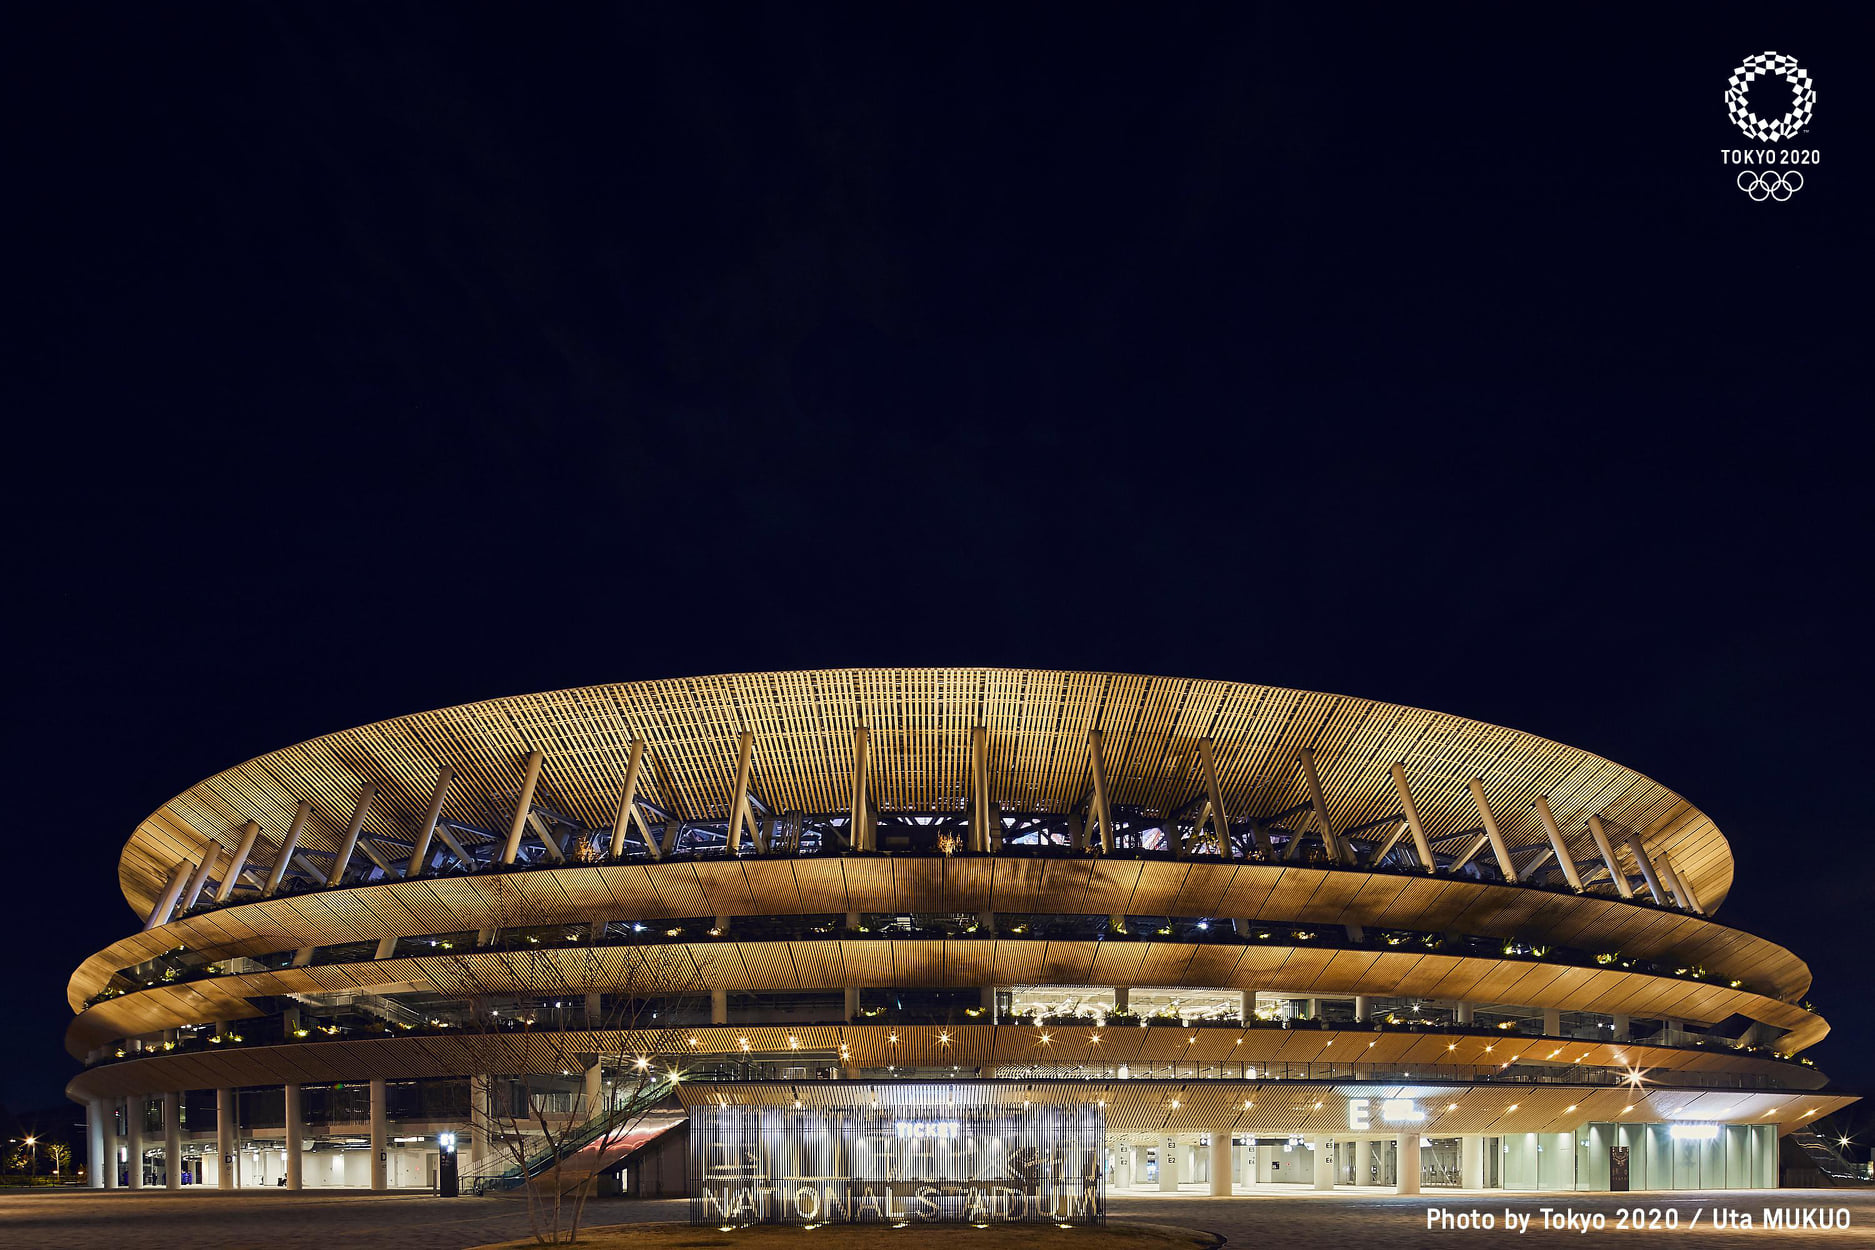 Олімпіада 2020 стартувала: яскраві кадри з церемонії відкриття, як виходила збірна України